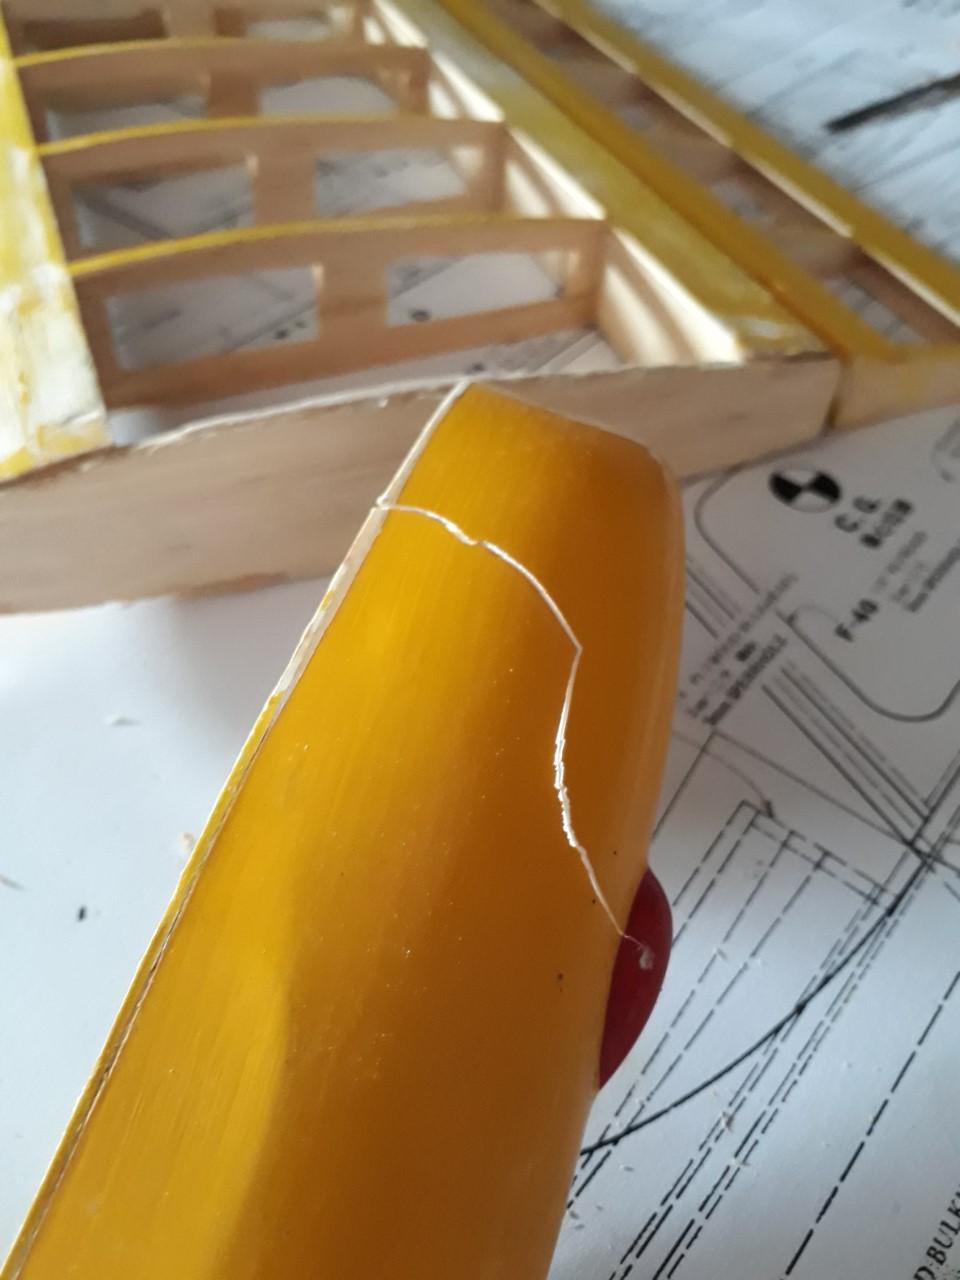 réparation de mon SUPER DECATHLON  Thumbn13